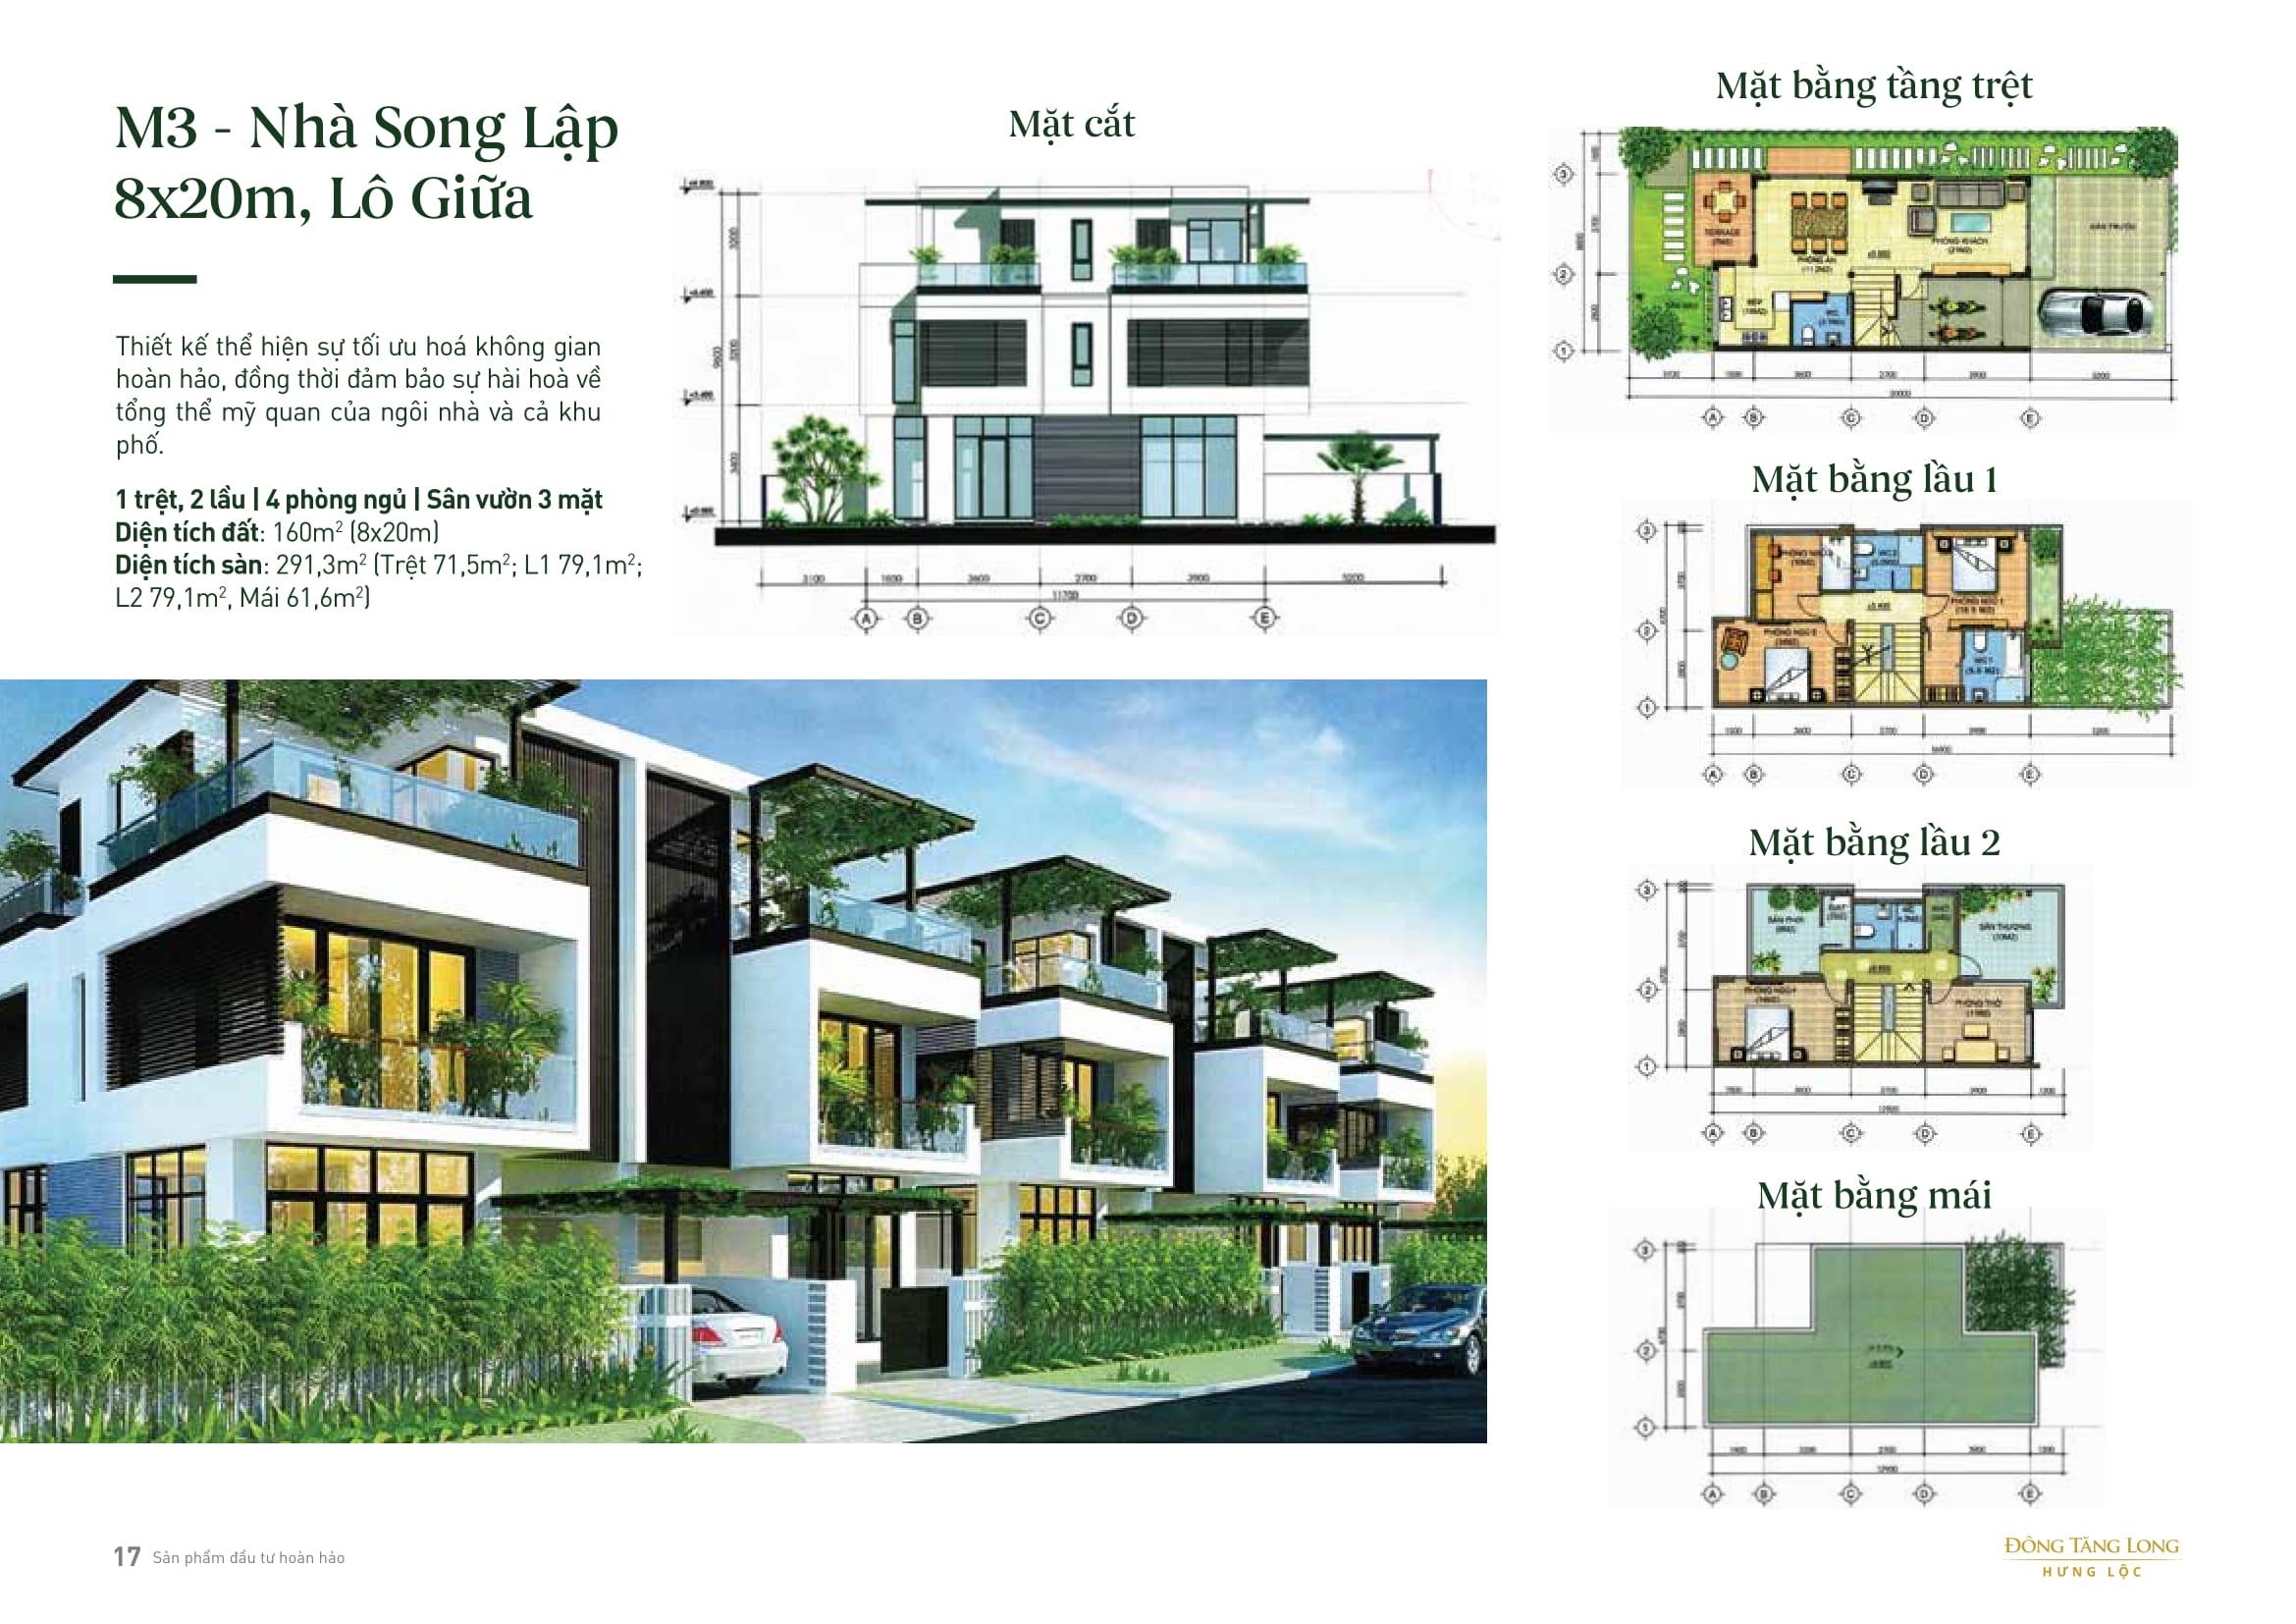 dong tang long 07 - Đánh giá ưu và nhược điểm dự án Đông Tăng Long Quận 9